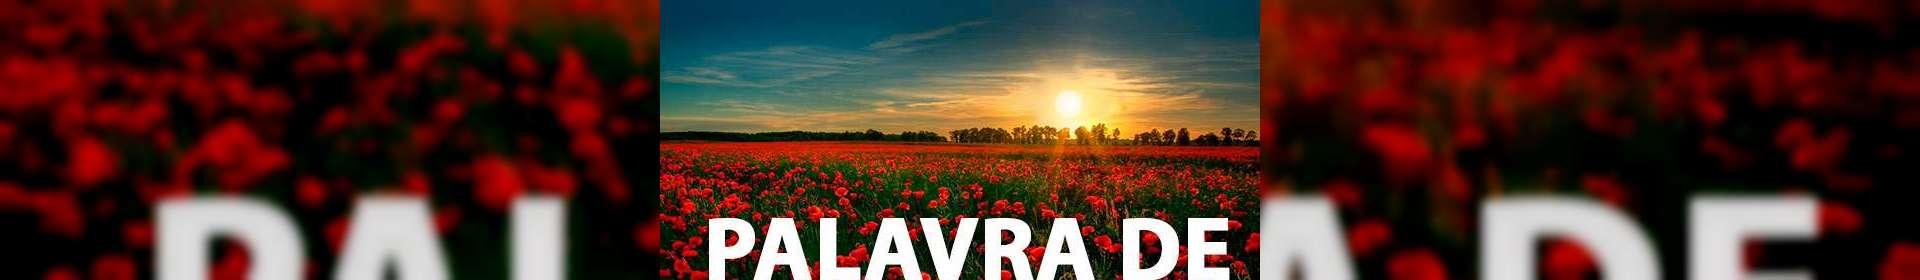 Salmos 92:1 - Uma Palavra de Esperança para sua vida